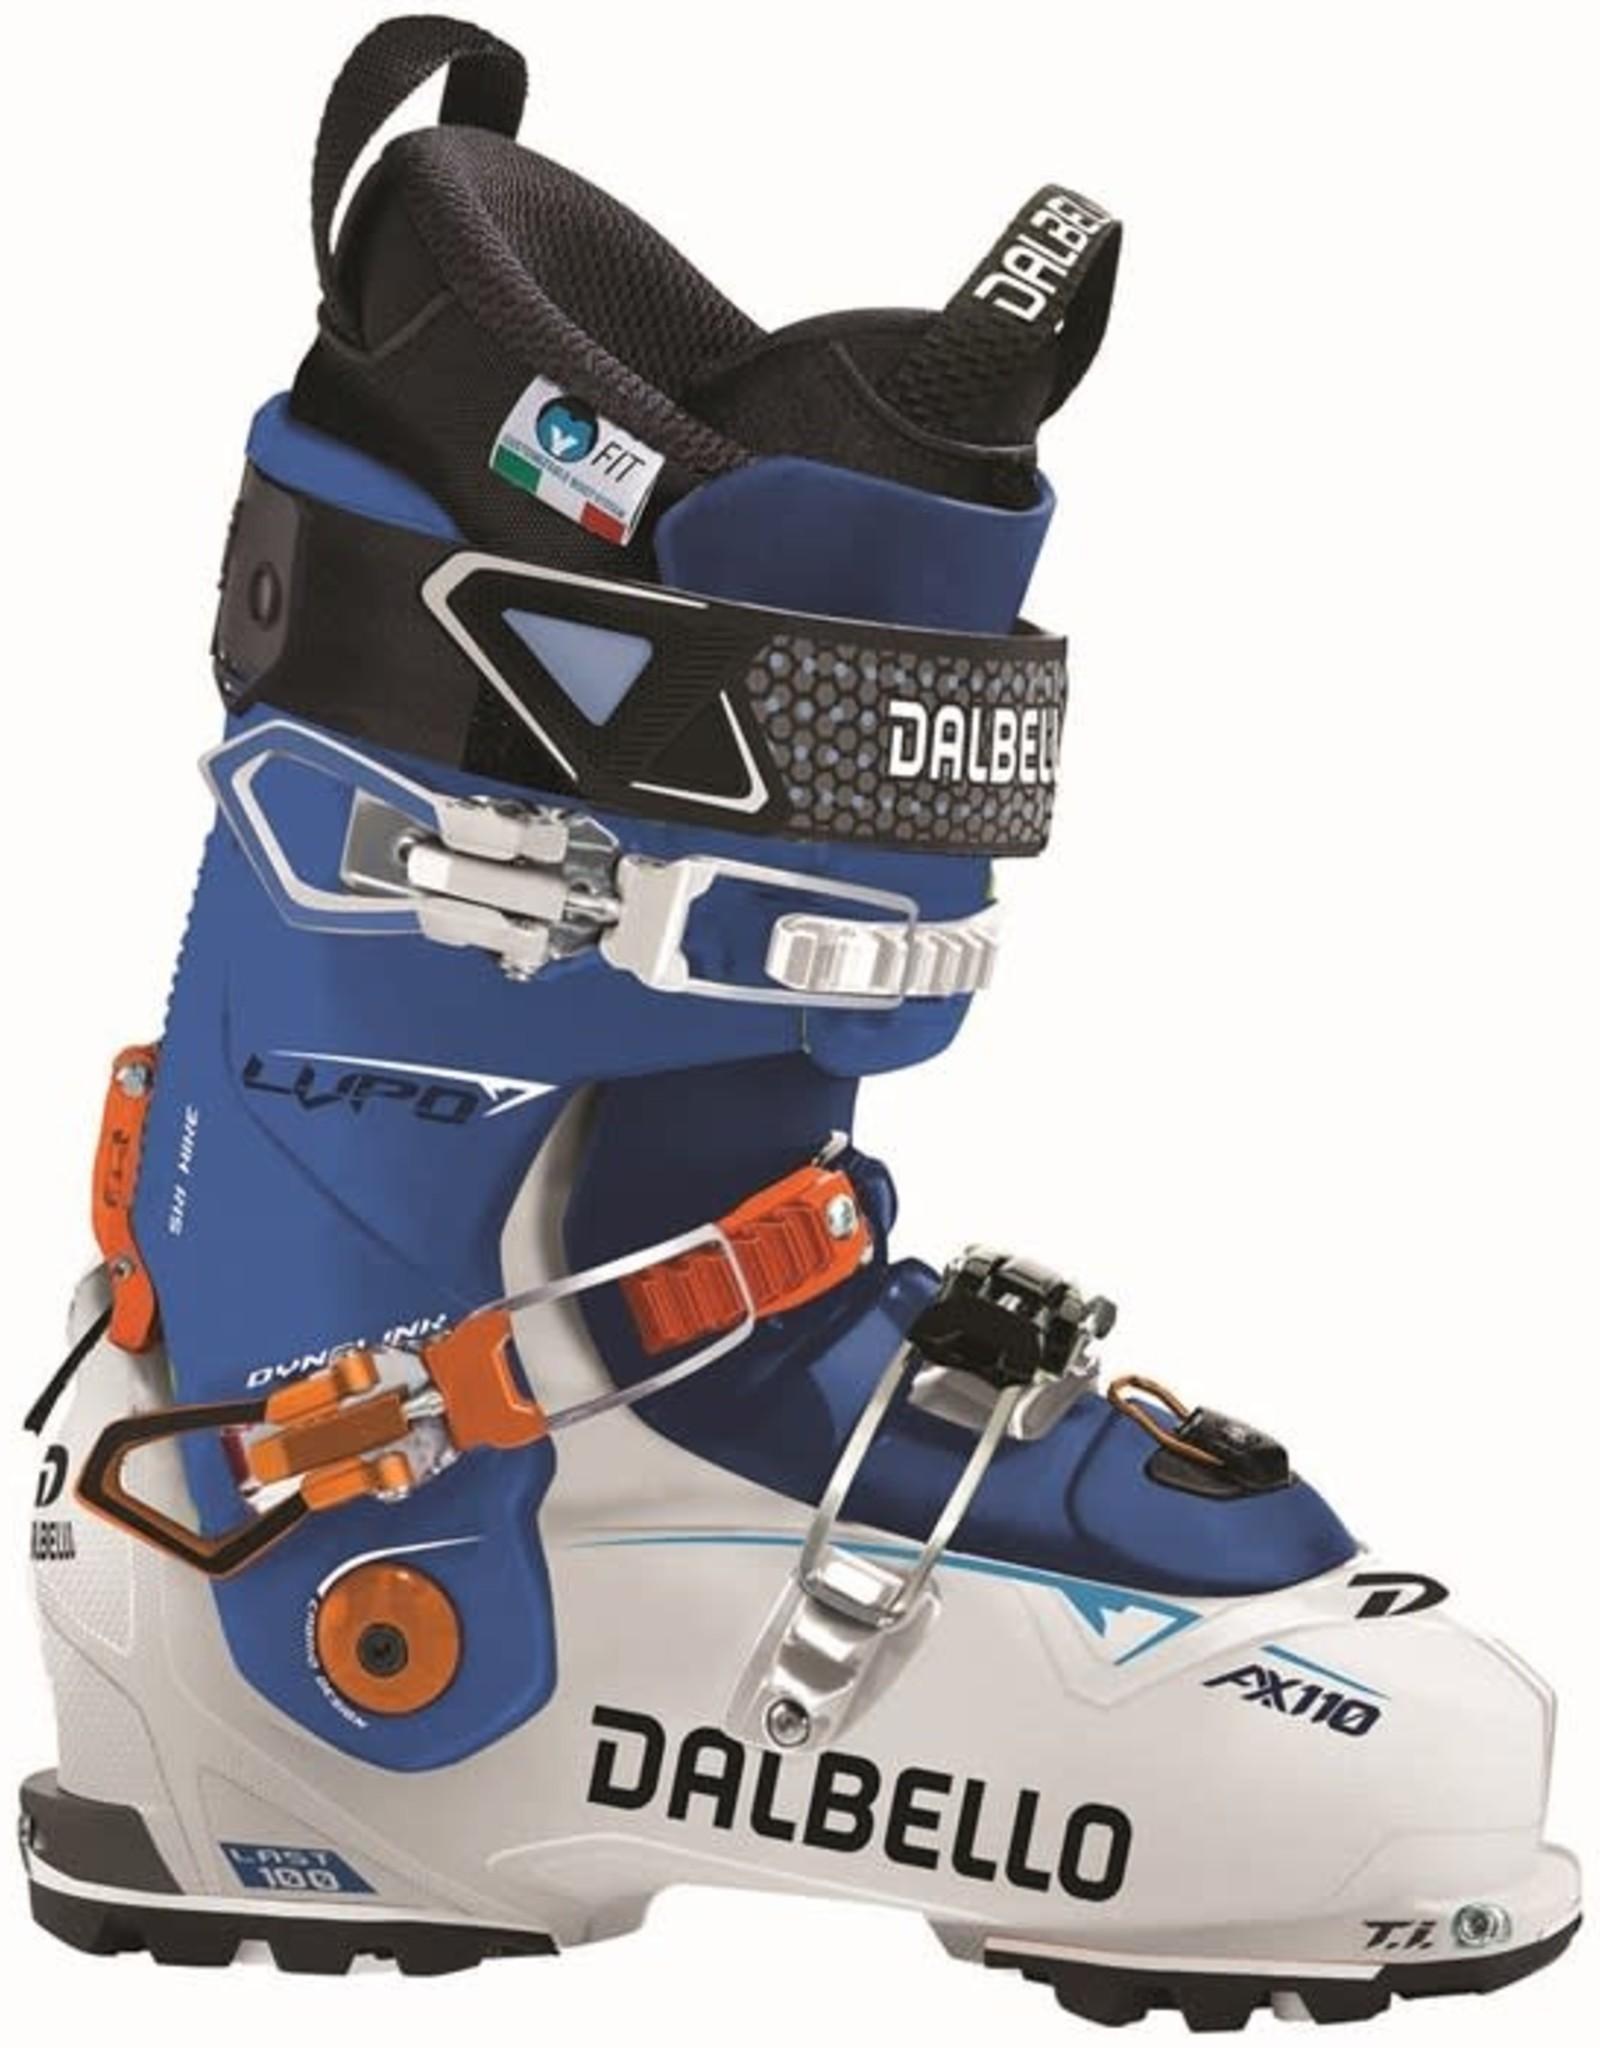 DALBELLO DALBELLO Ski Boots LUPO AX 110 W (18/19)